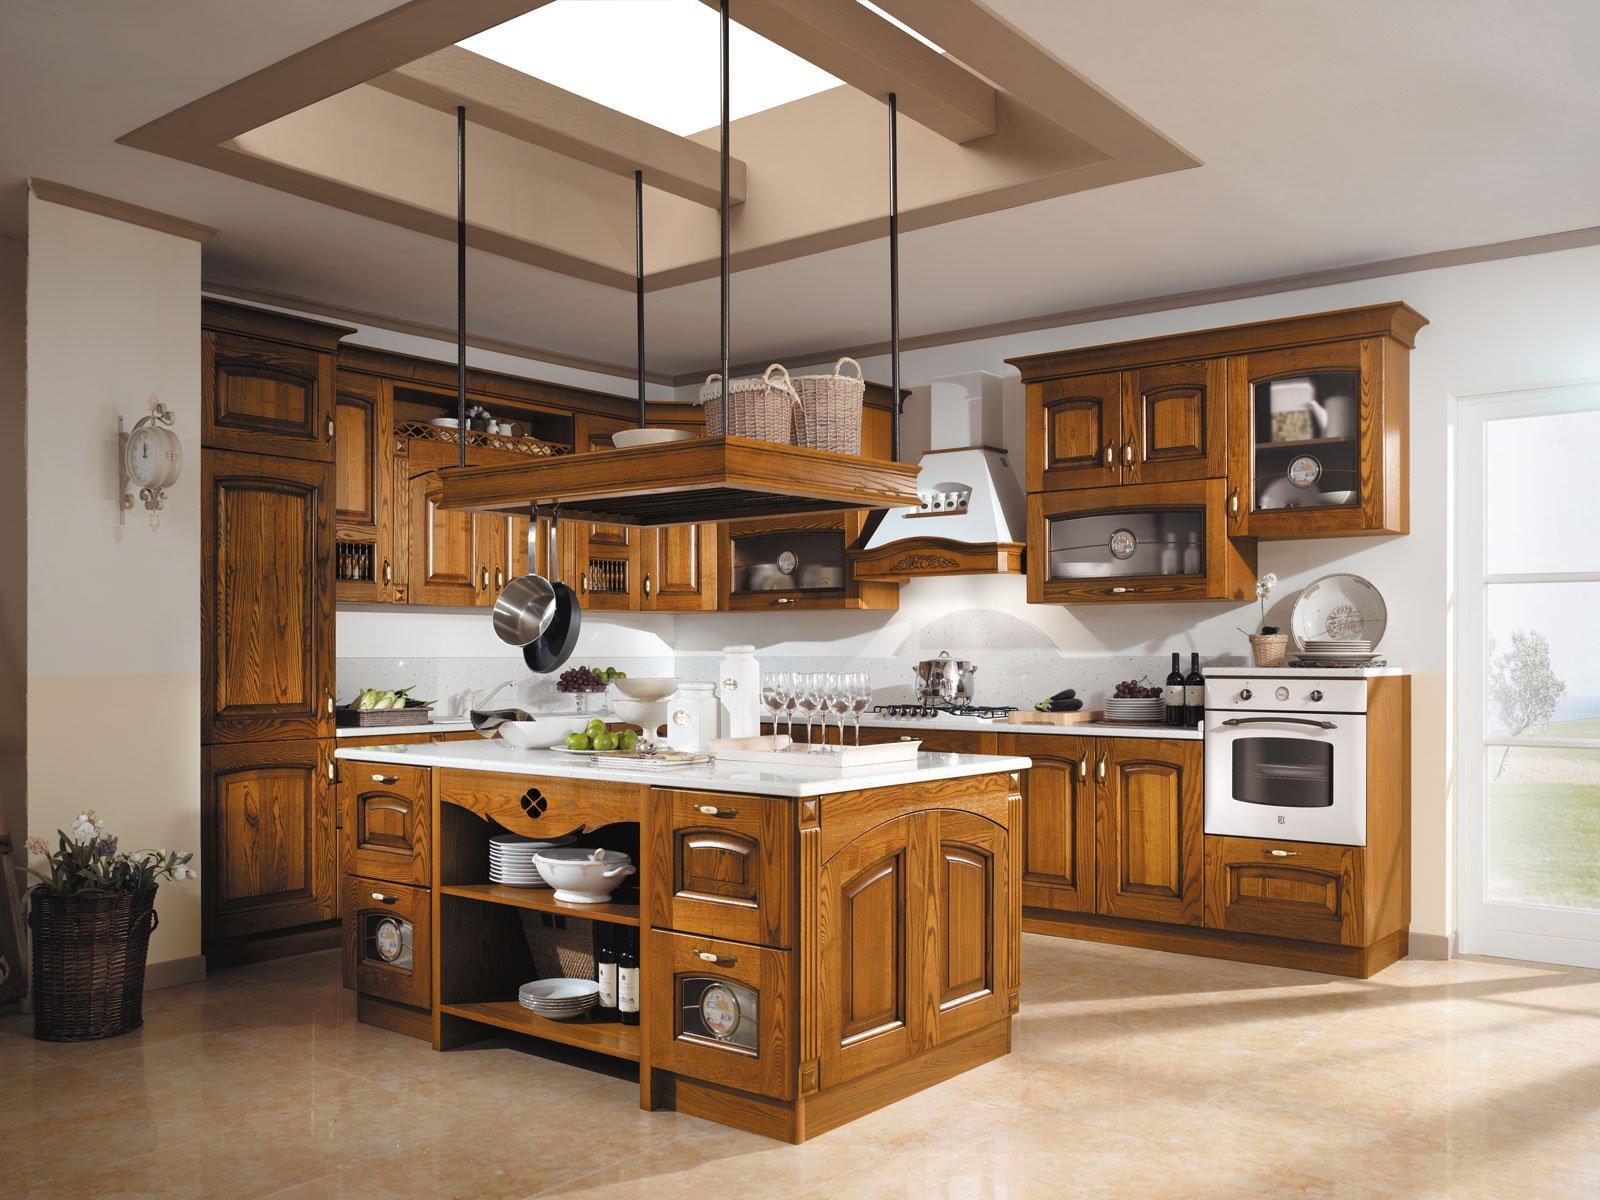 Cucine in legno tradizionali country o moderne cose di - Verniciare ante cucina legno ...